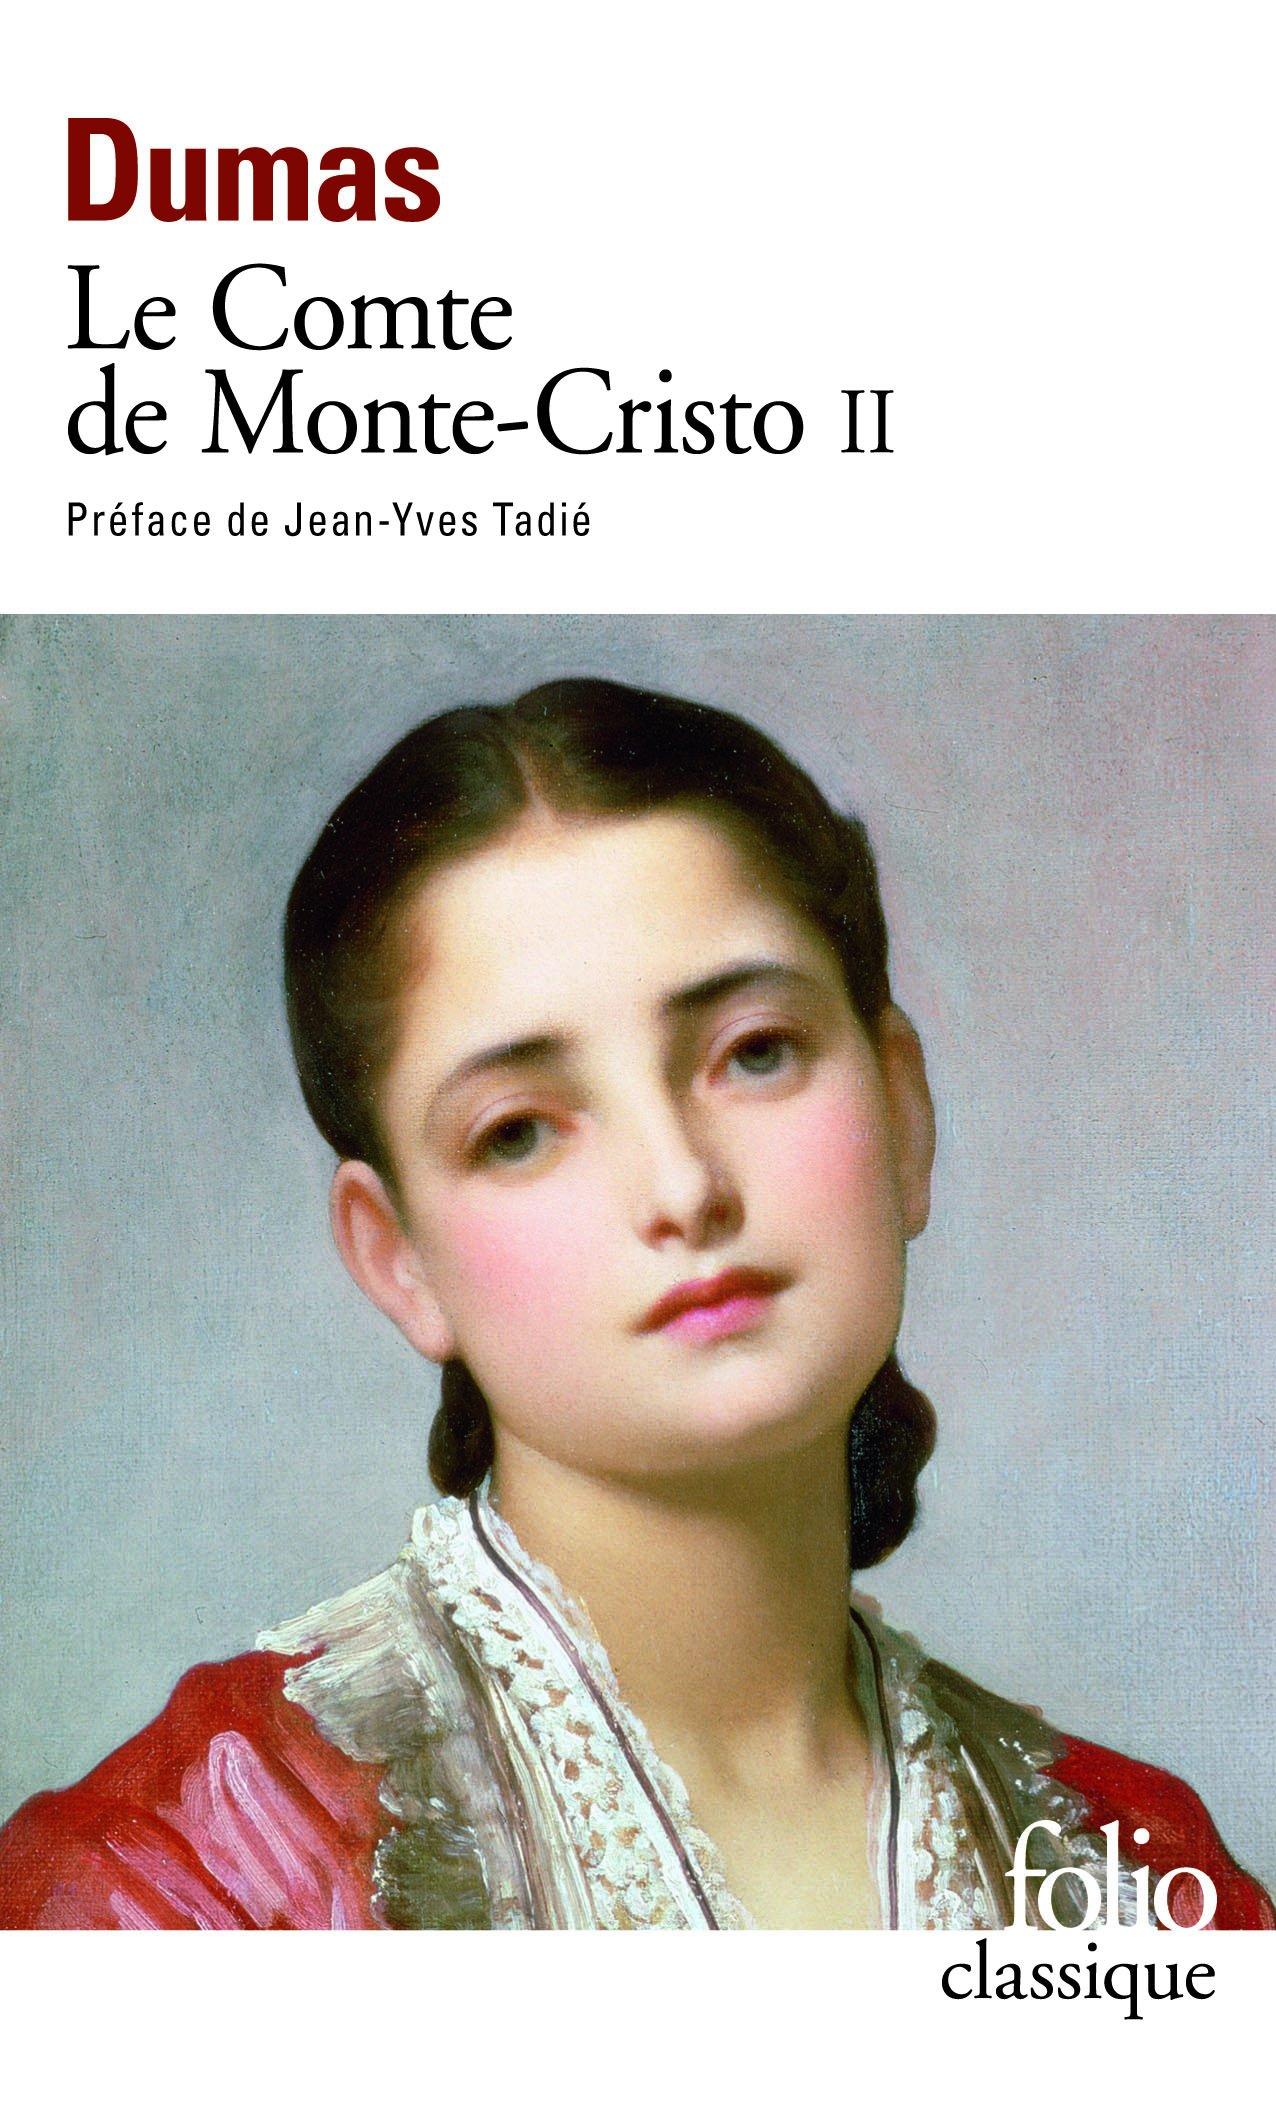 Le Comte de Monte-Cristo, tome 2 Poche – 26 août 1998 Alexandre Dumas Gilbert Sigaux Gallimard 2070405923